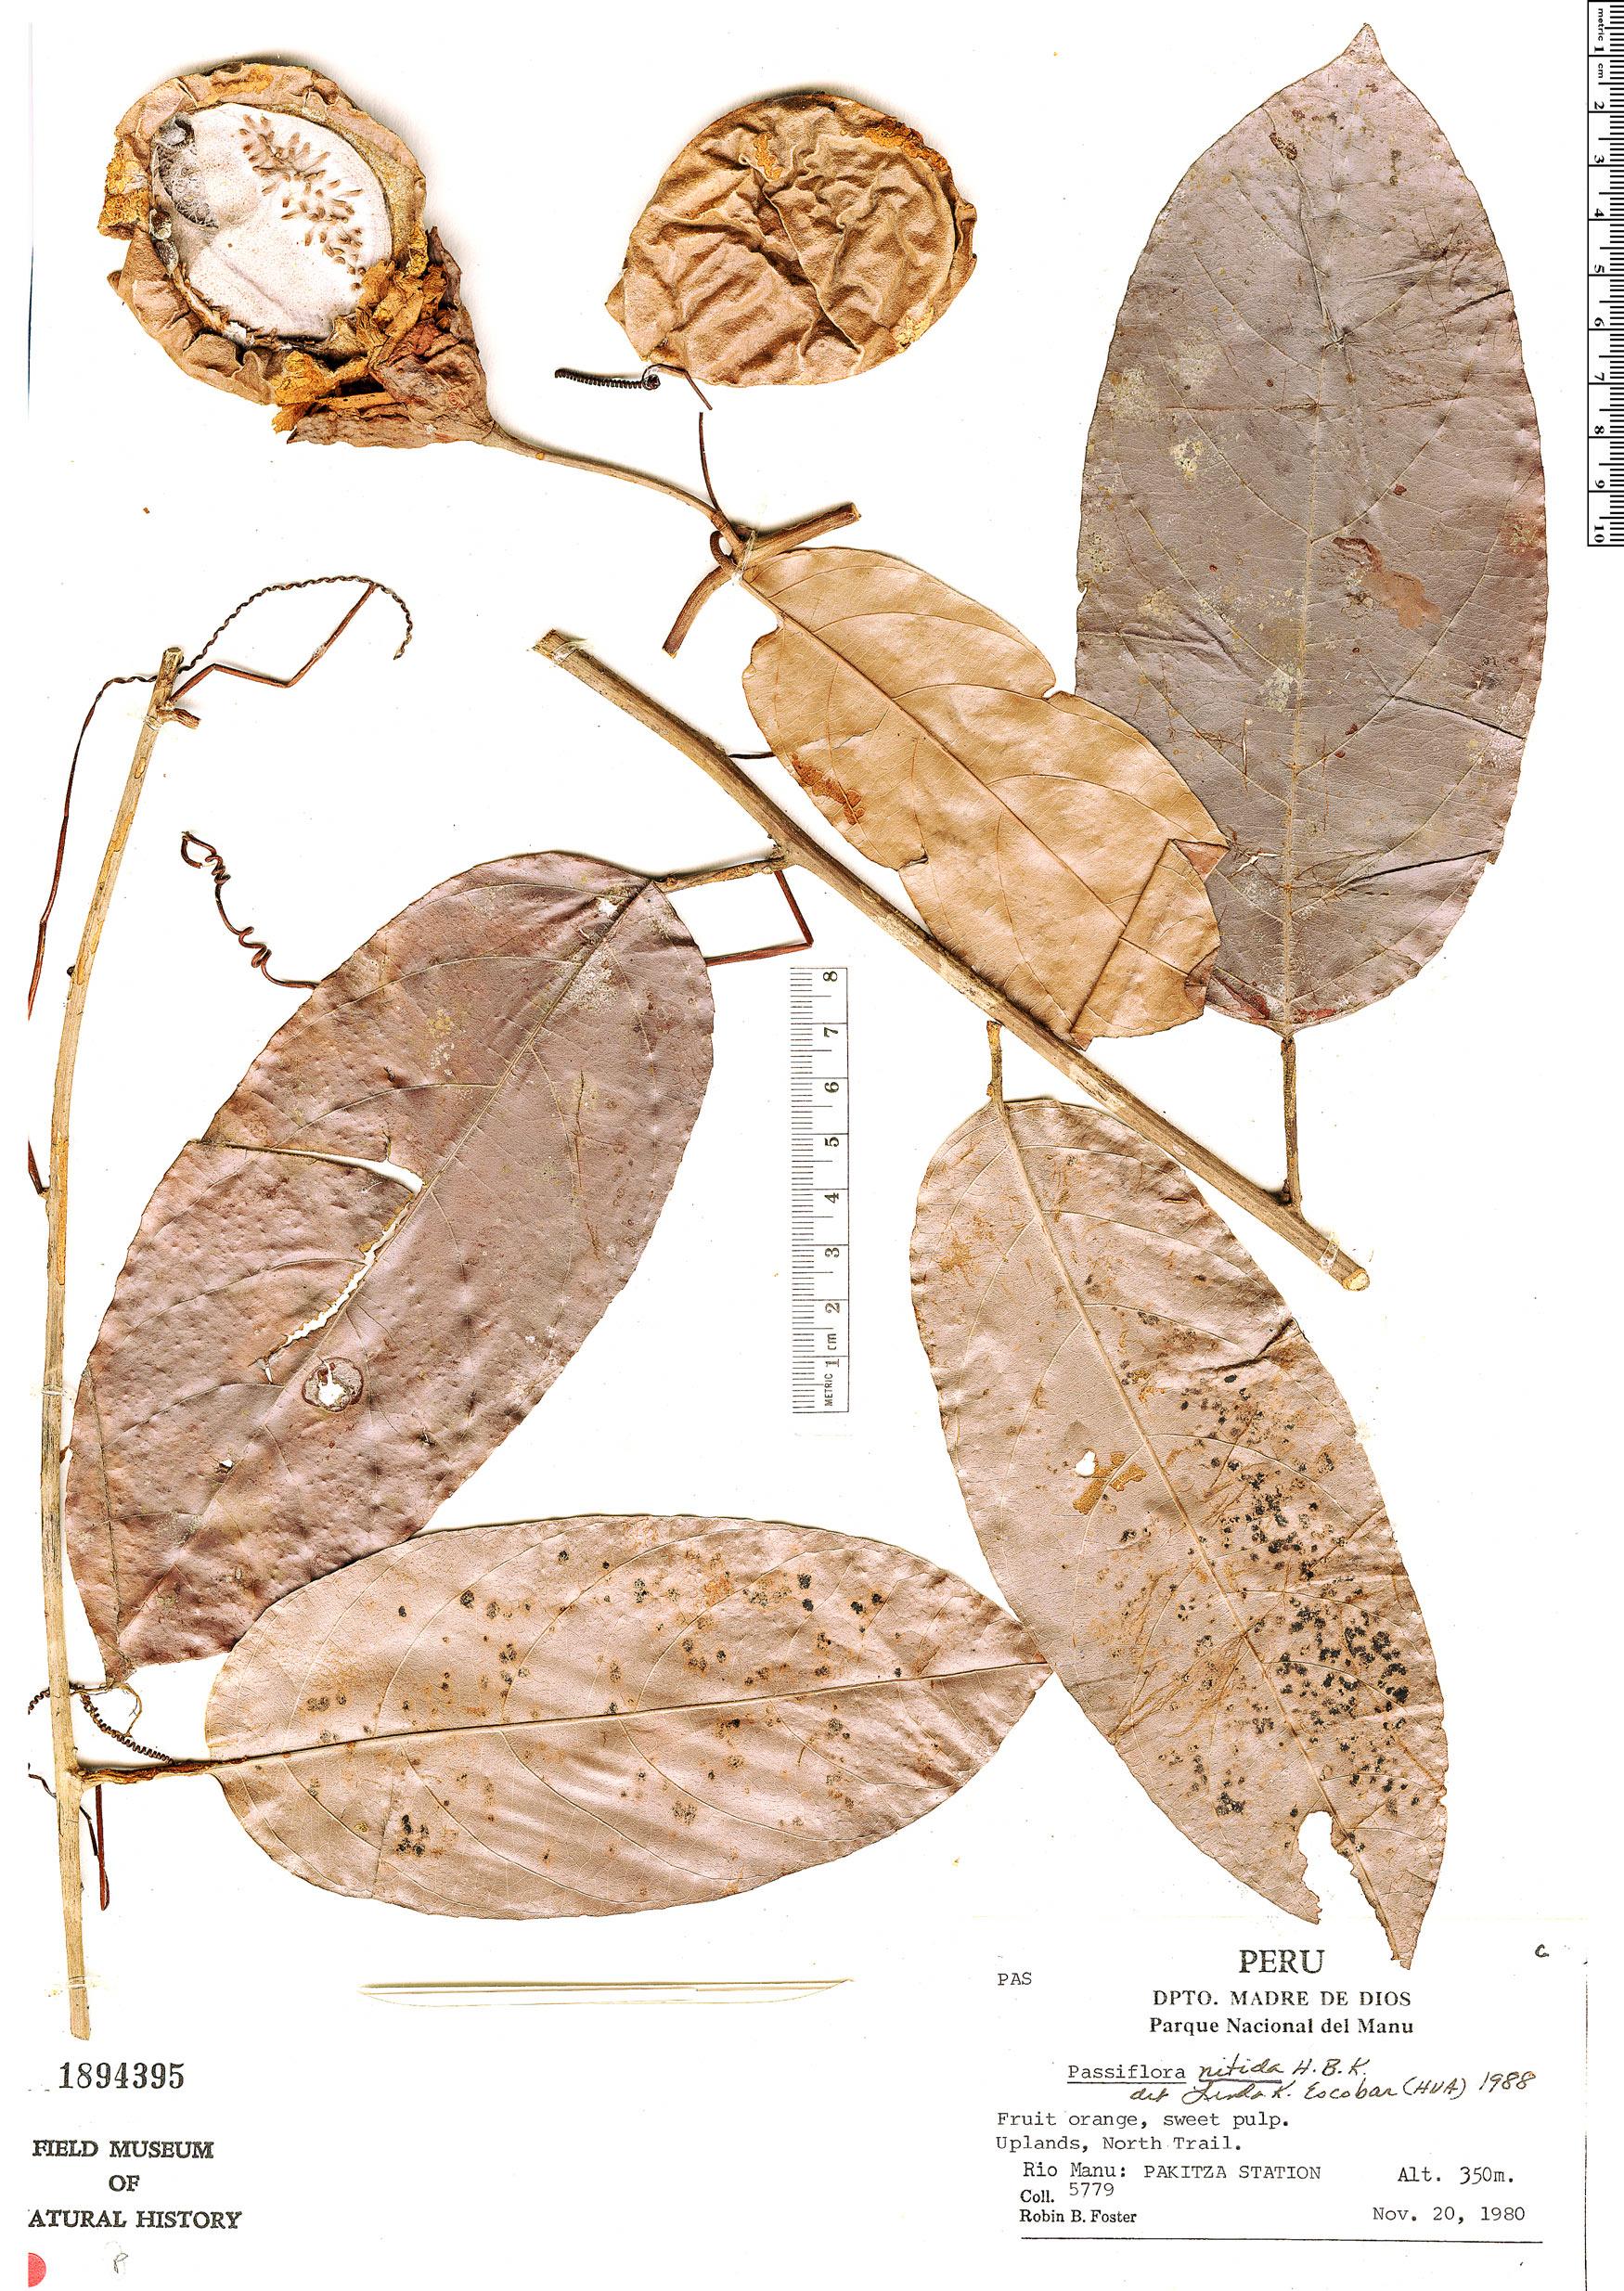 Specimen: Passiflora nitida